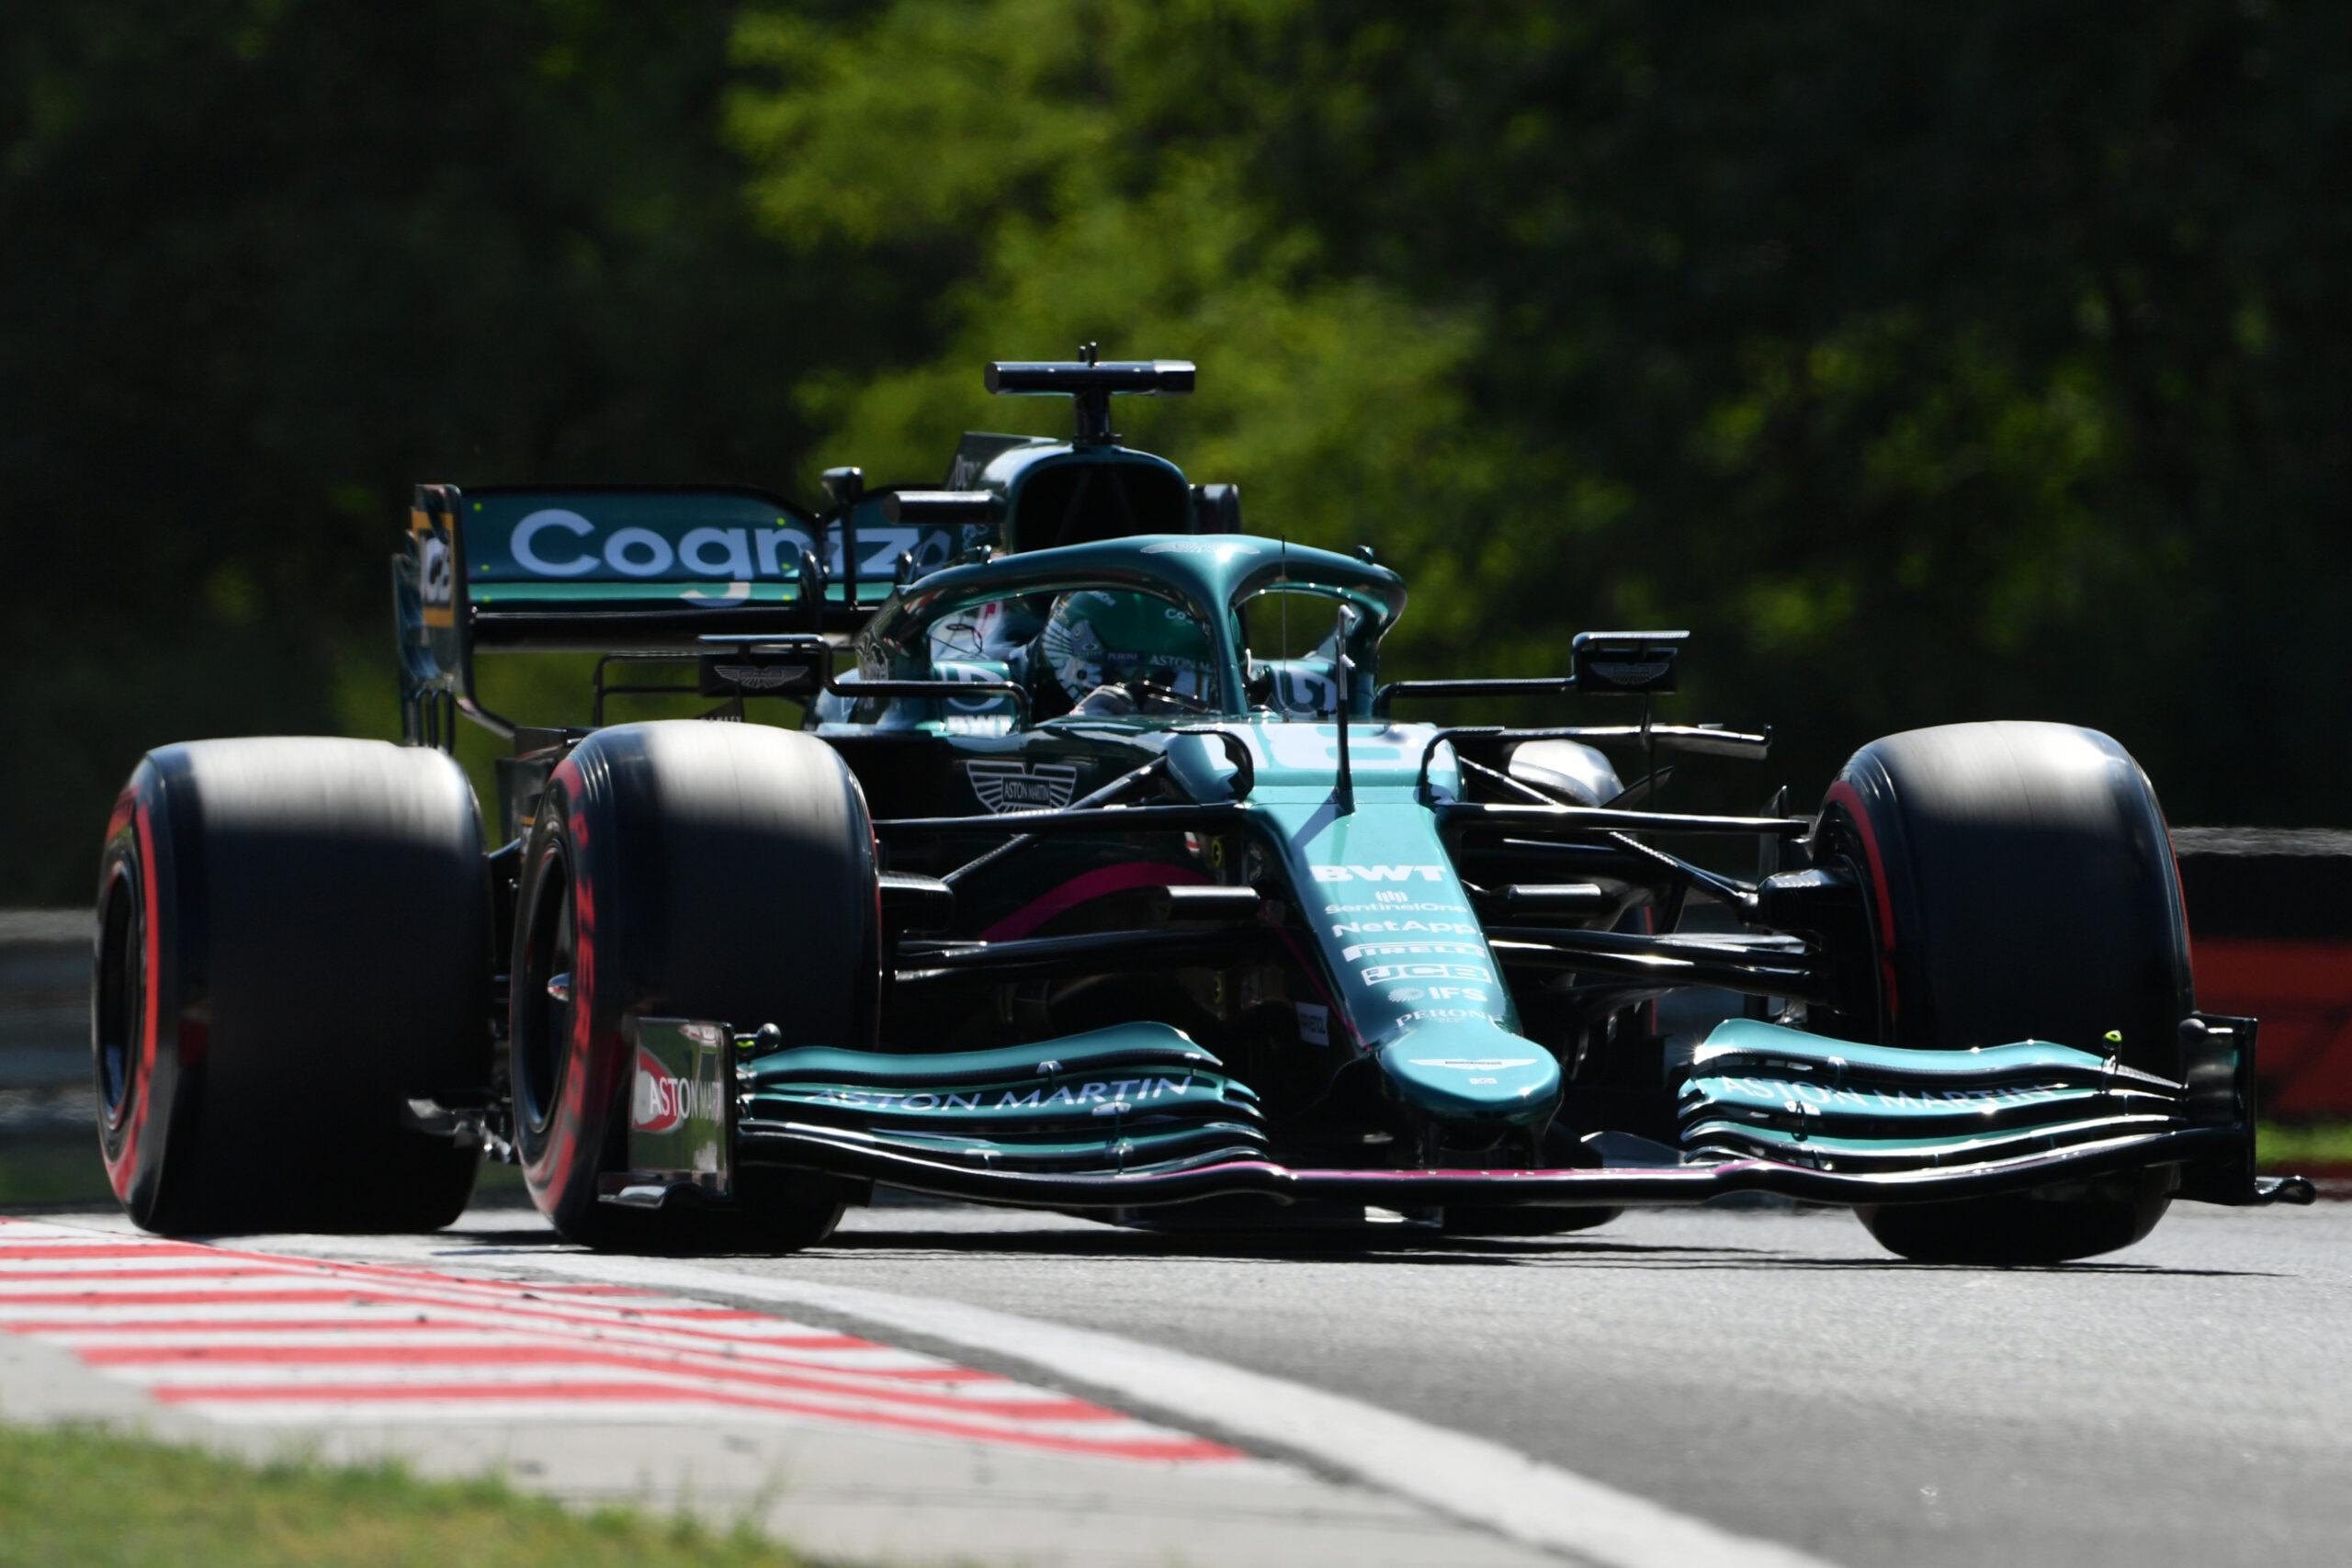 F1 - Officiel : Lance Stroll pénalisé sur la grille de départ du GP de Belgique